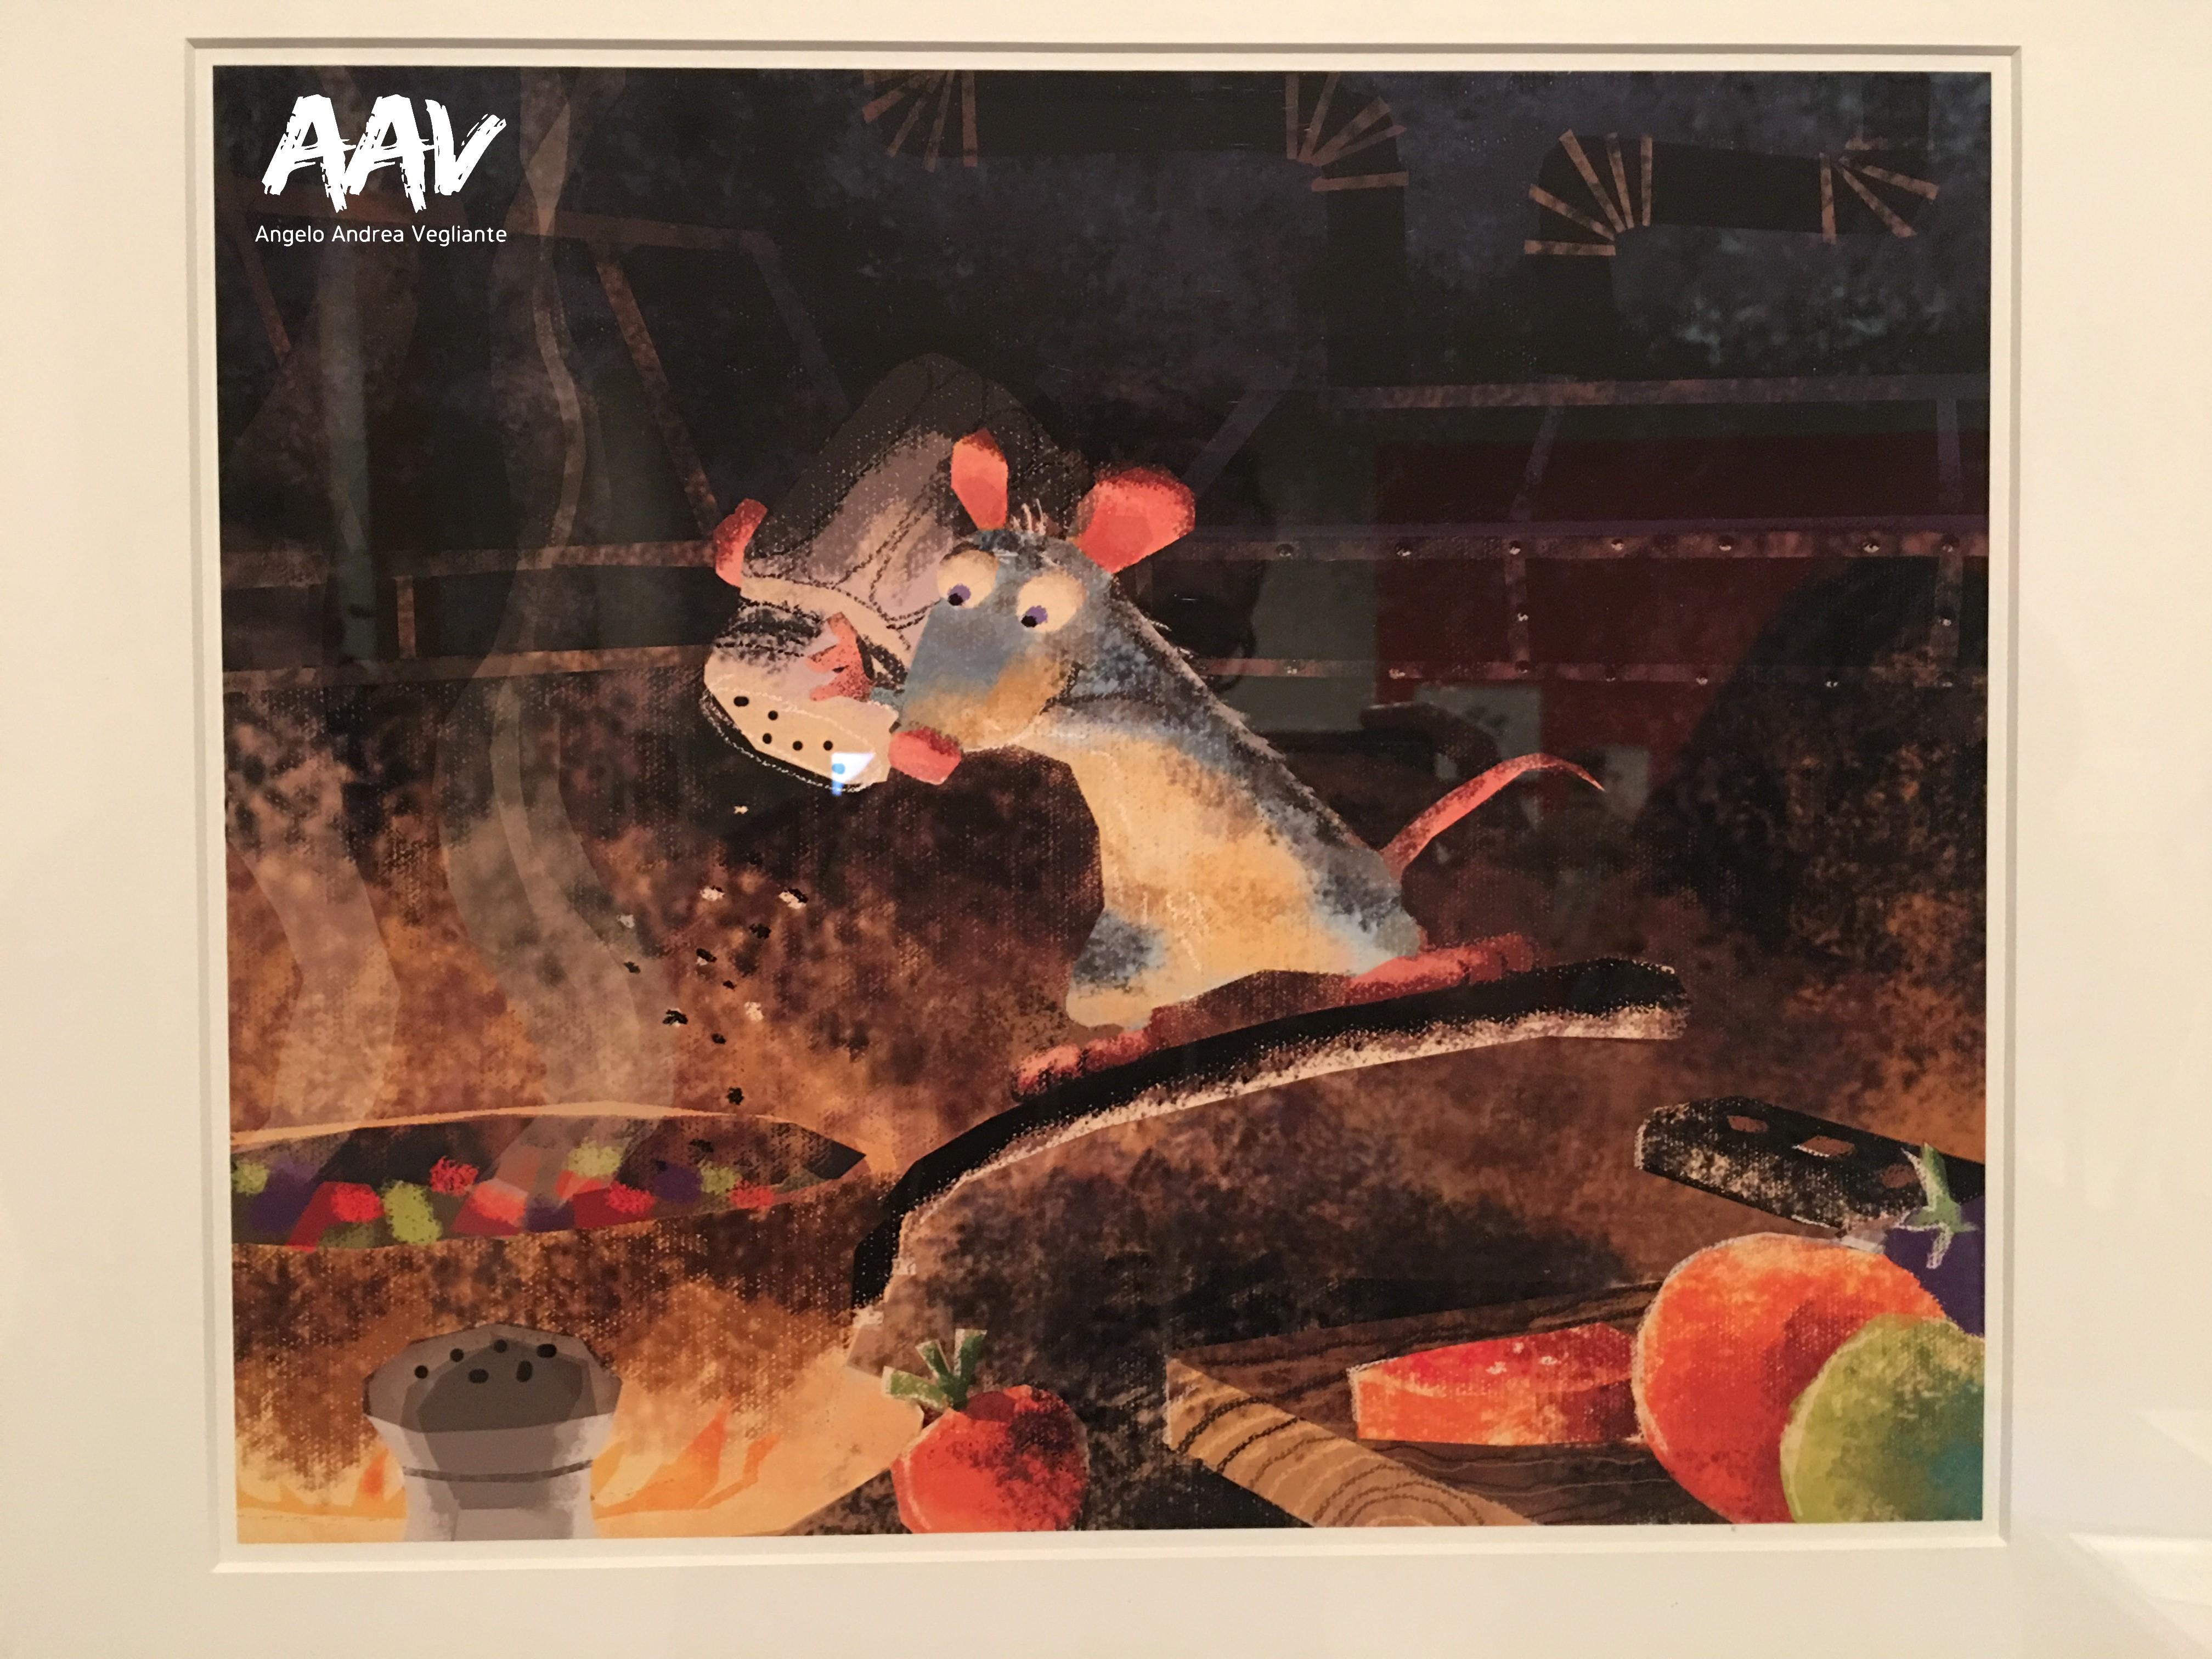 ratatouille-pixar-palazzo delle esposizioni-angelo andrea vegliante-mostra-pixar 30 anni di animazione